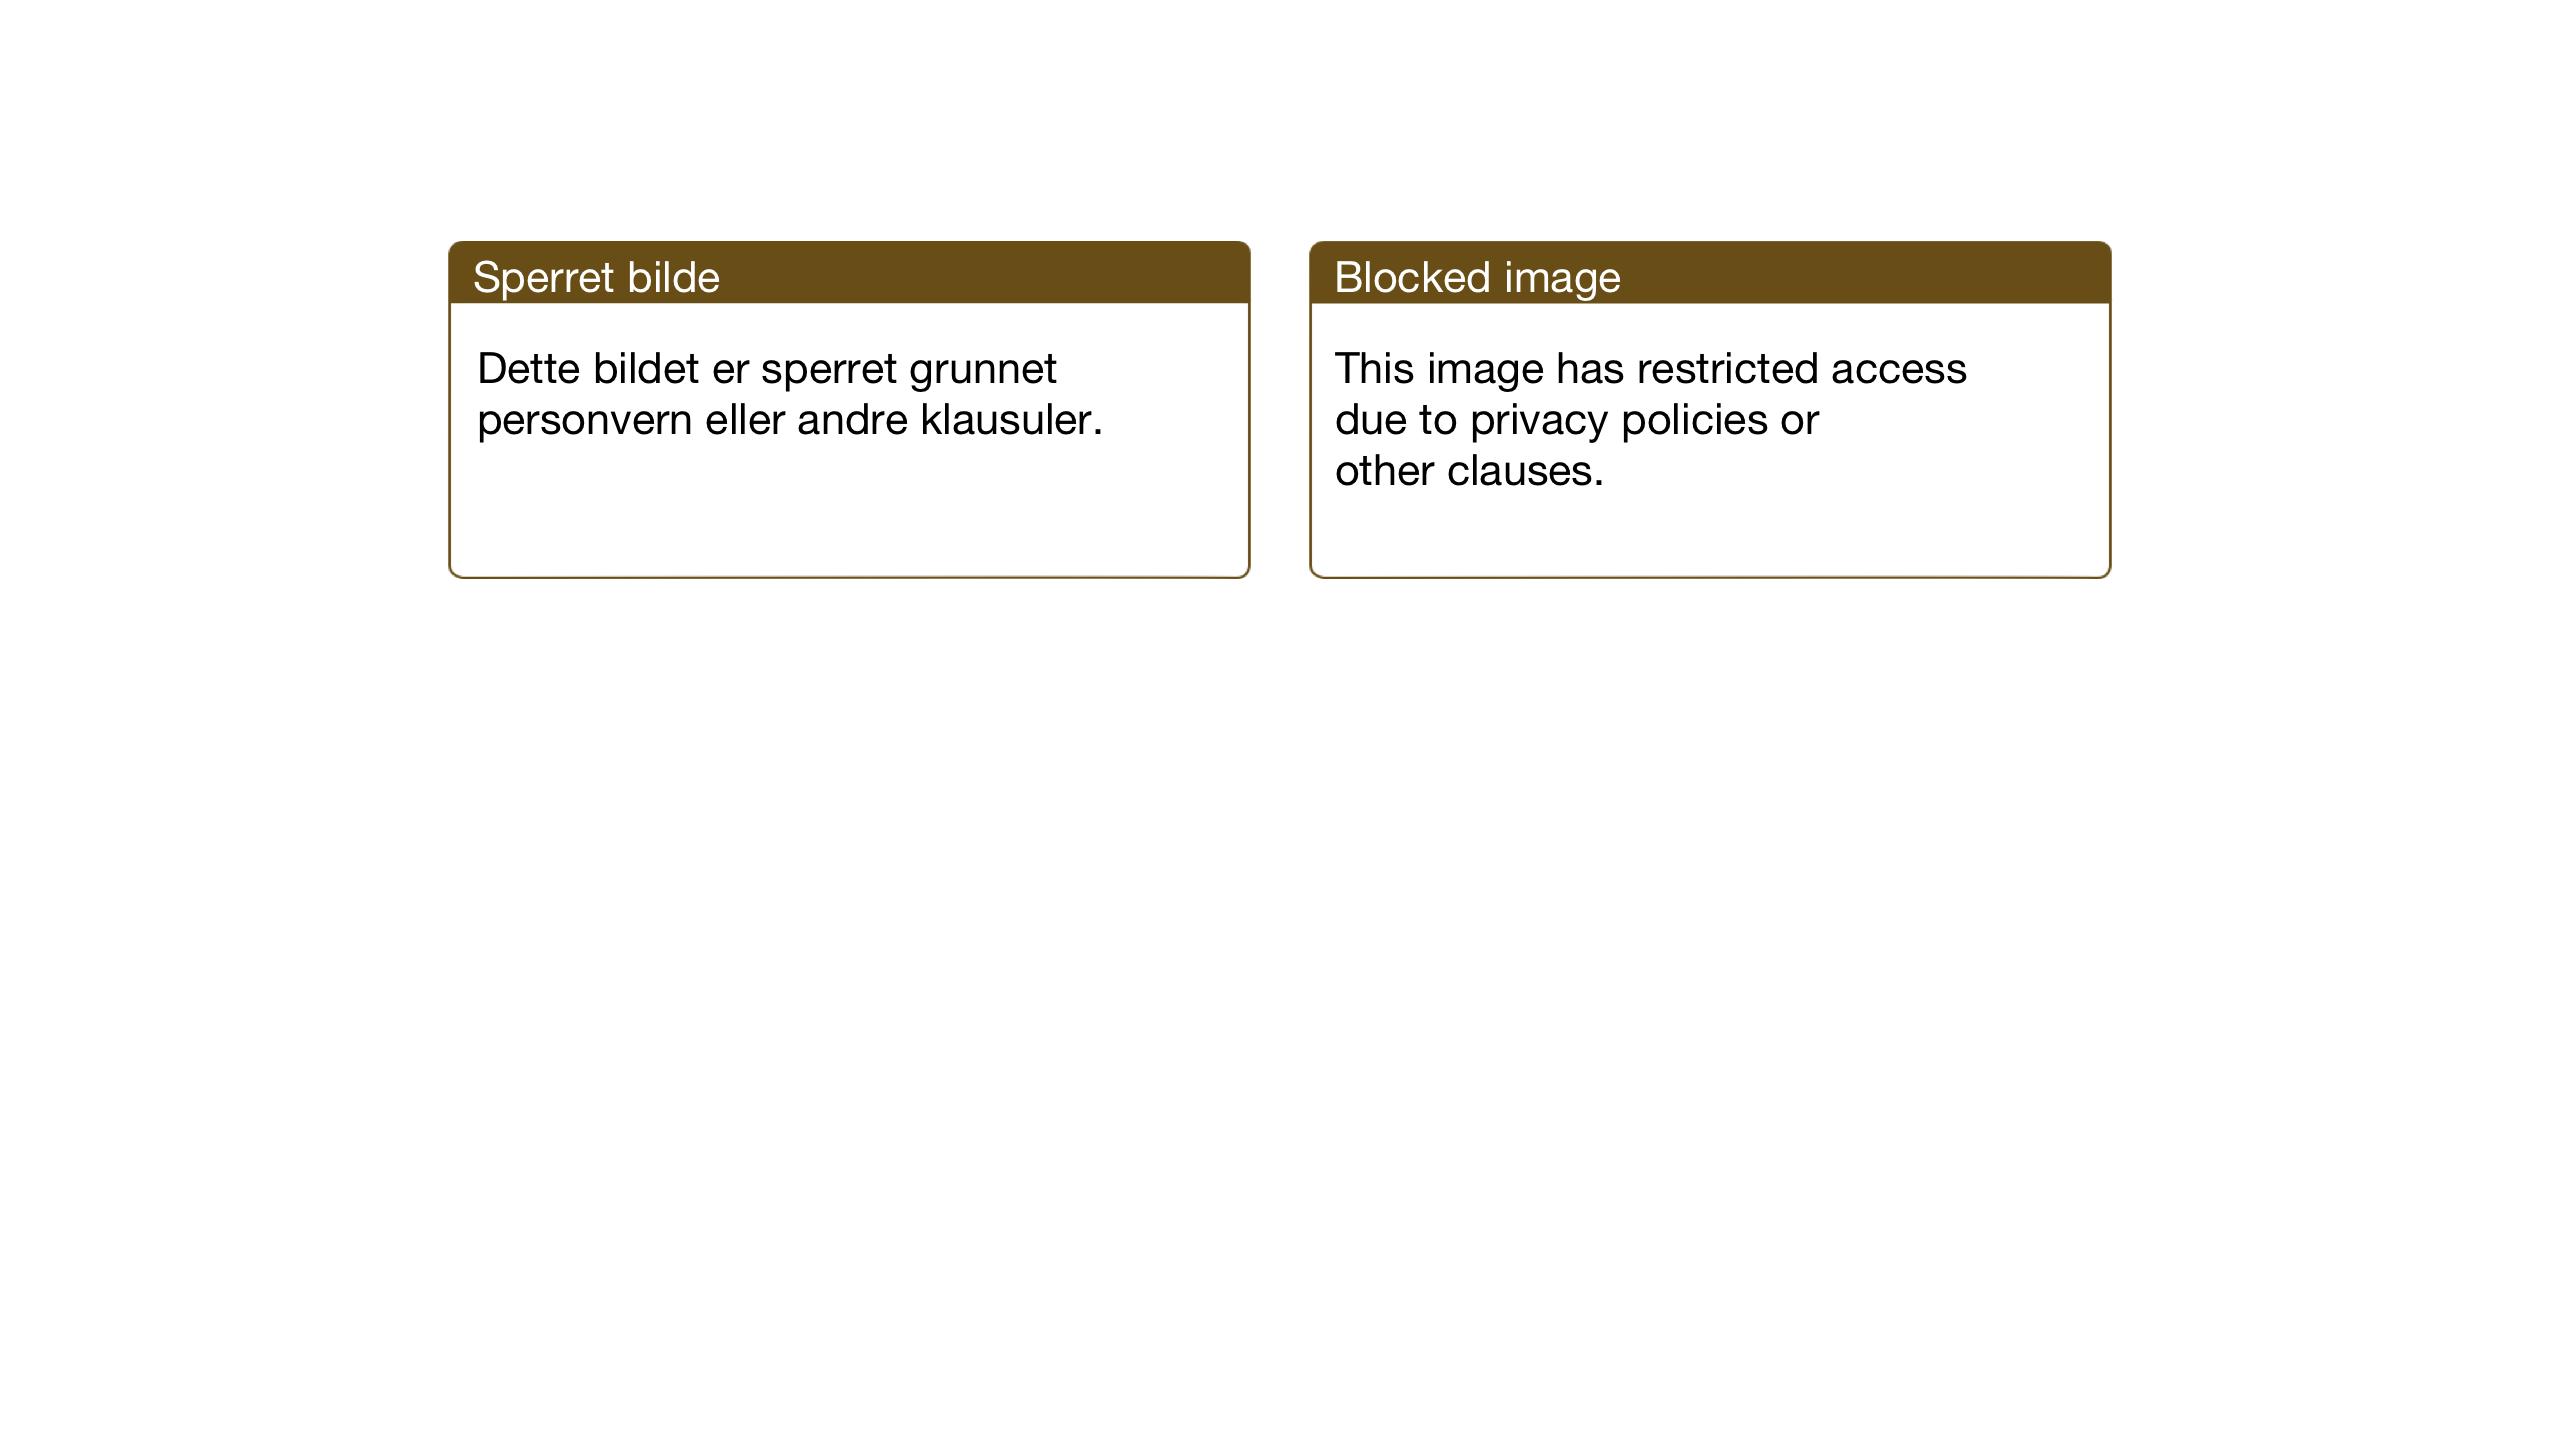 SAT, Ministerialprotokoller, klokkerbøker og fødselsregistre - Nord-Trøndelag, 713/L0125: Klokkerbok nr. 713C02, 1931-1941, s. 28